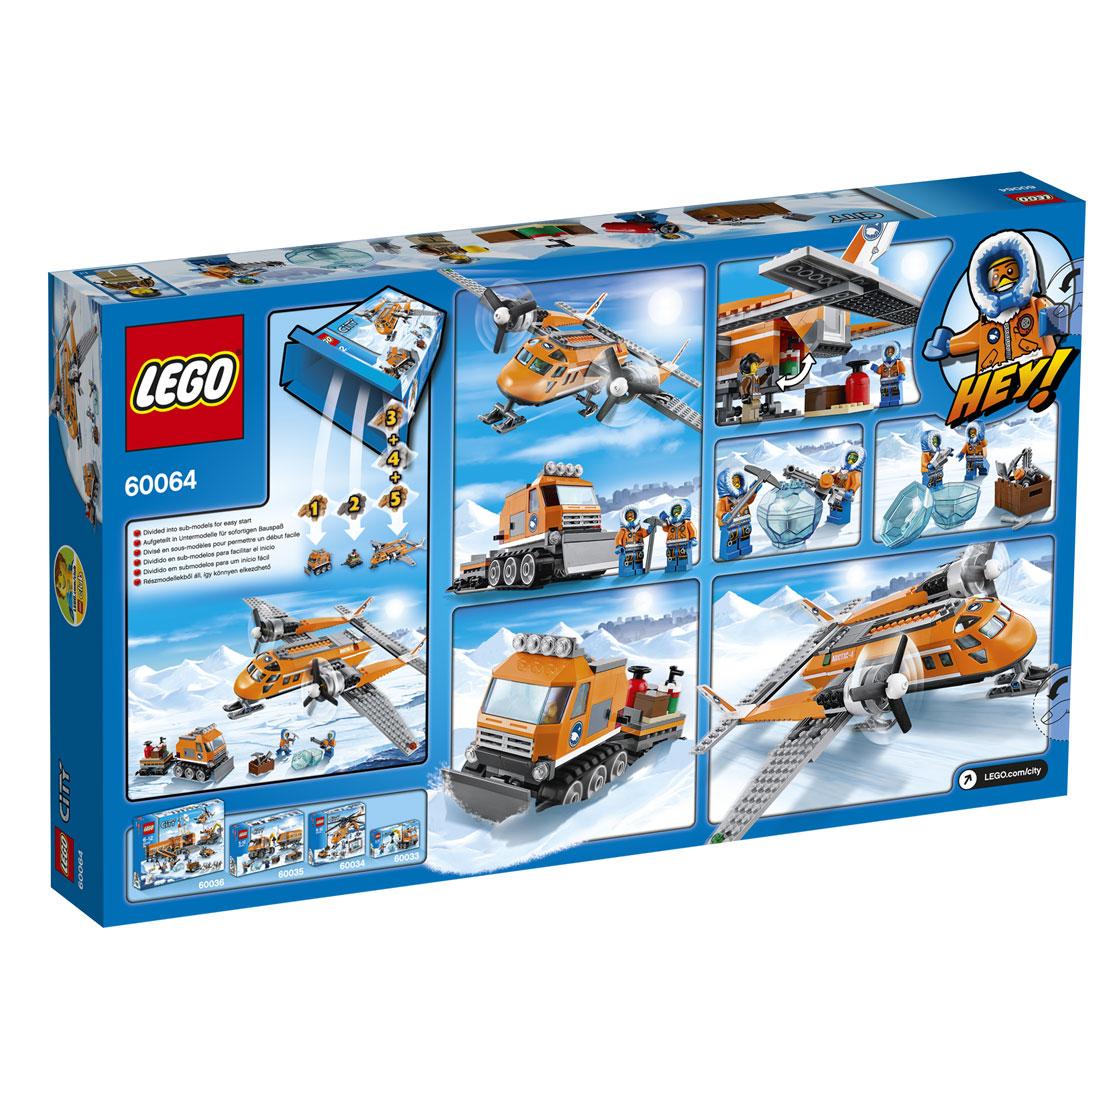 Лего Сити 60064 Арктический транспортный самолет ... Лего Сити Инструкции